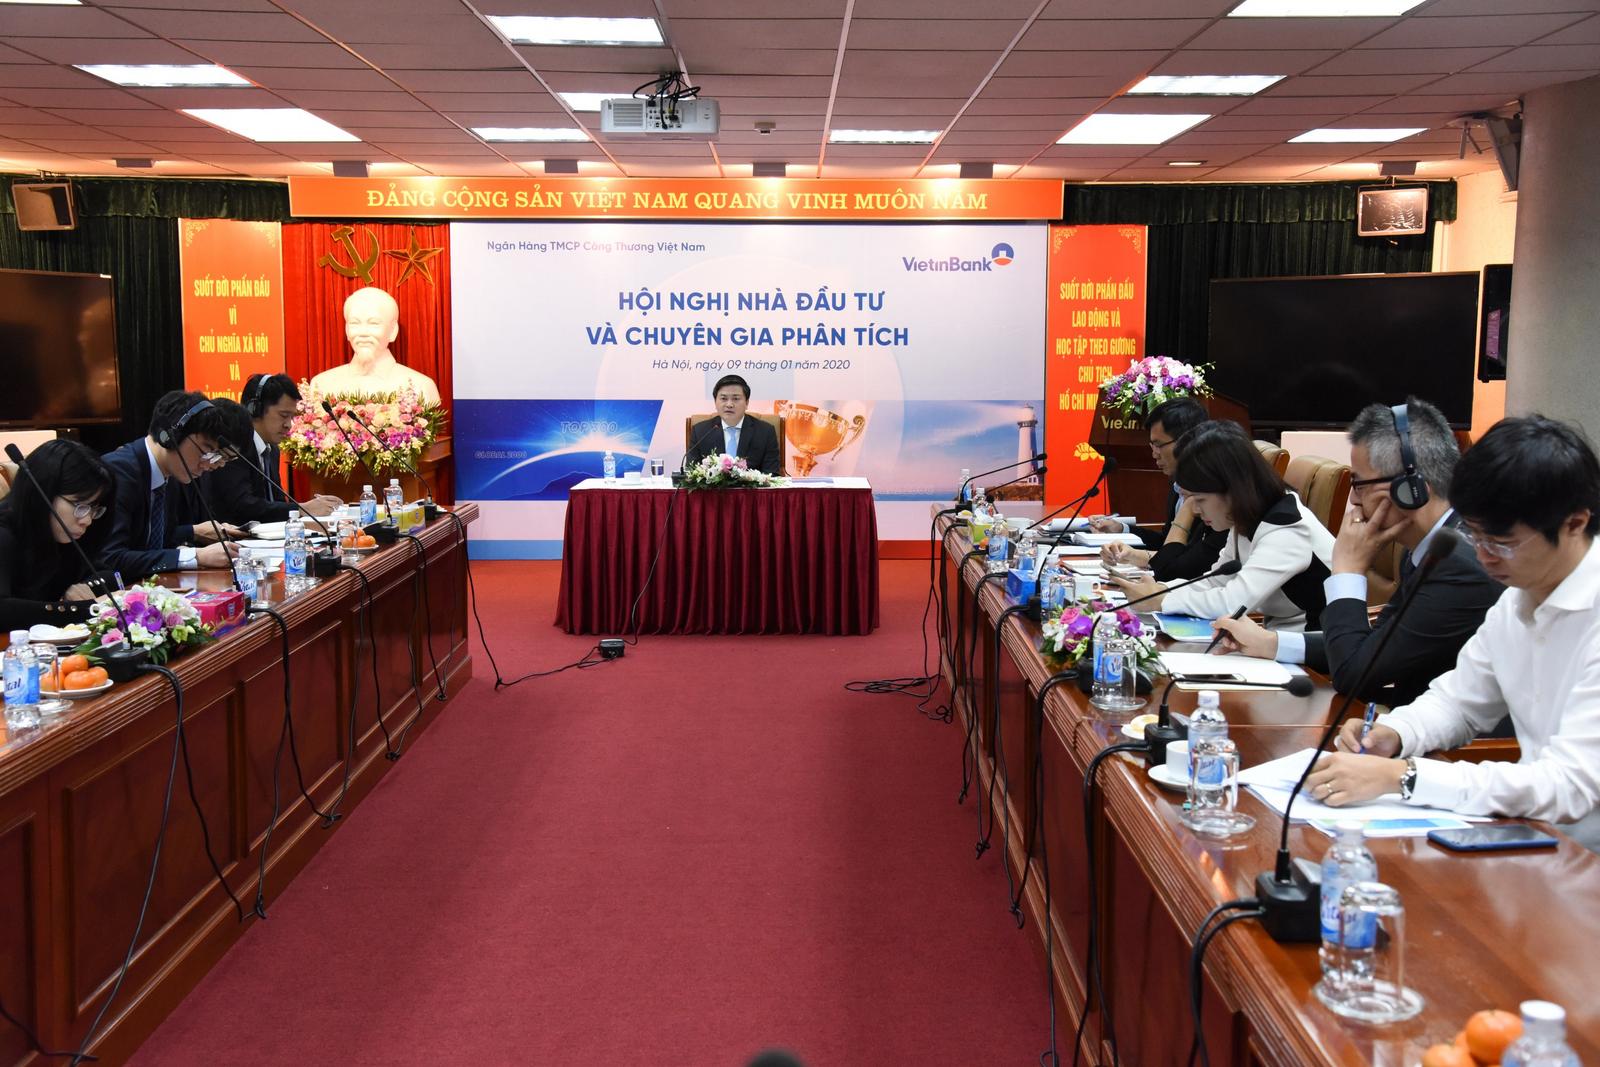 VietinBank tổ chức hội nghị nhà đầu tư và chuyên gia phân tích